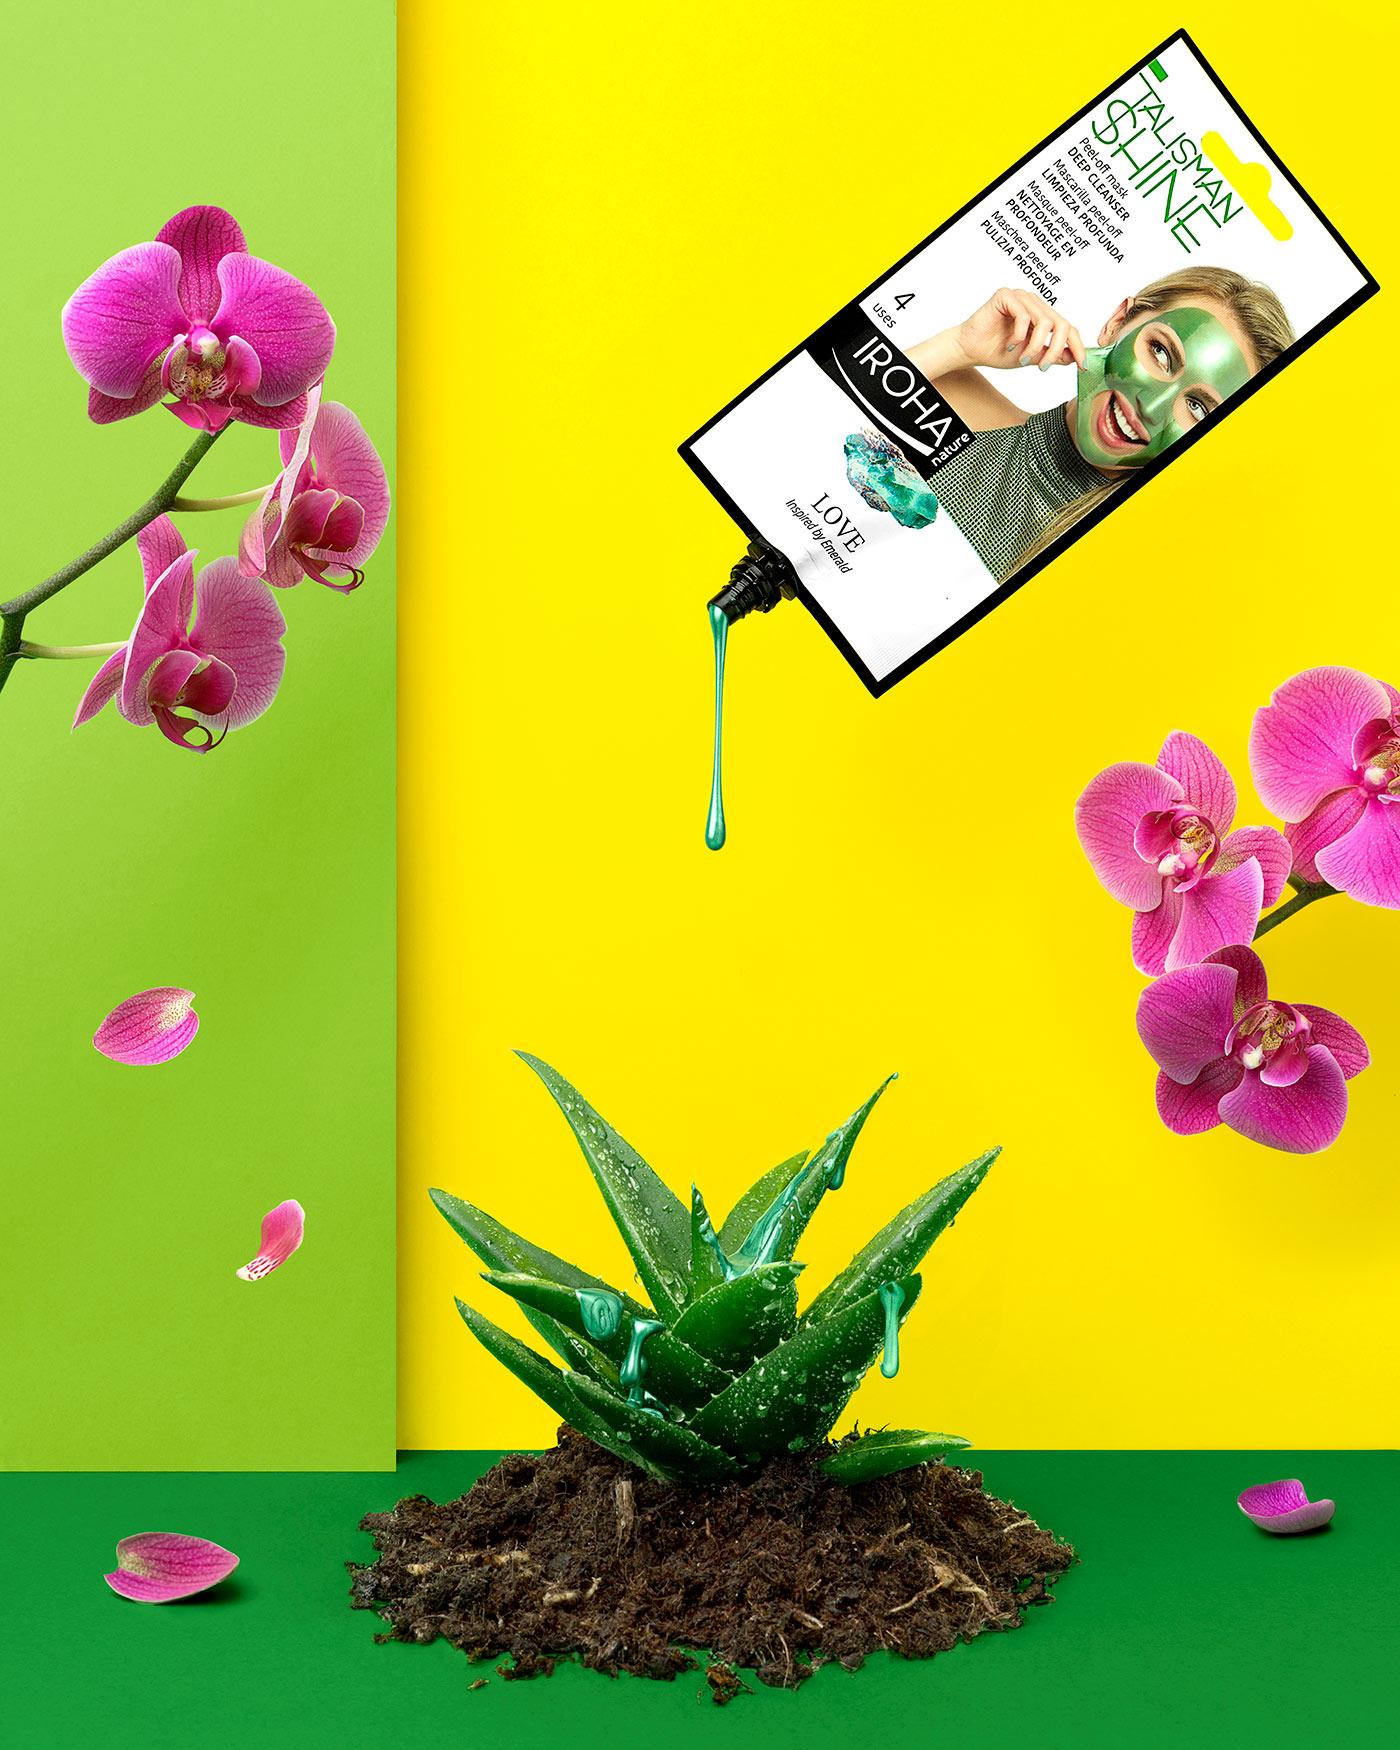 Funtastic Spring! - Fotografía para campaña publicitaria - Mascarilla Peel Off Love